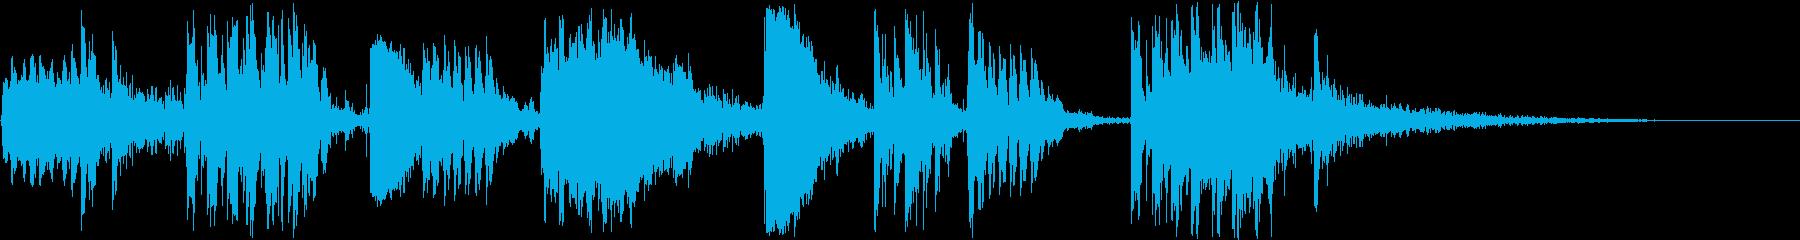 マシンガンバトル:ミディアムガンフ...の再生済みの波形